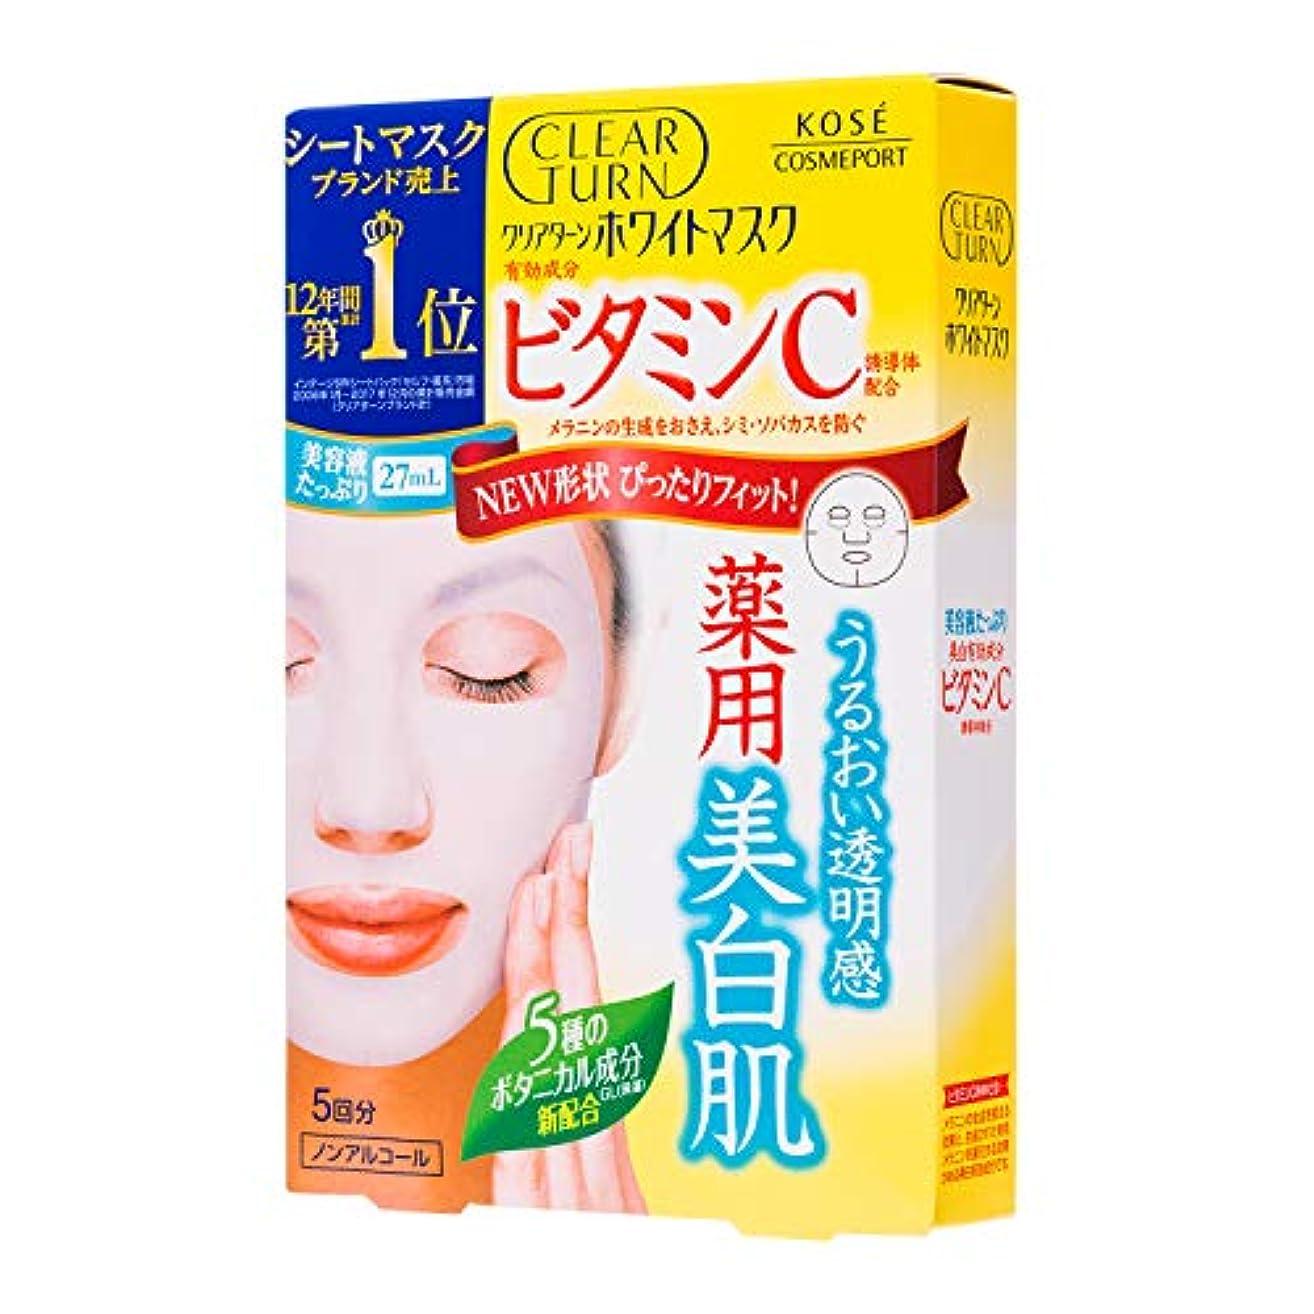 びっくりご予約ナイトスポットKOSE コーセー クリアターン ホワイト マスク VC (ビタミンC) 5枚 フェイスマスク